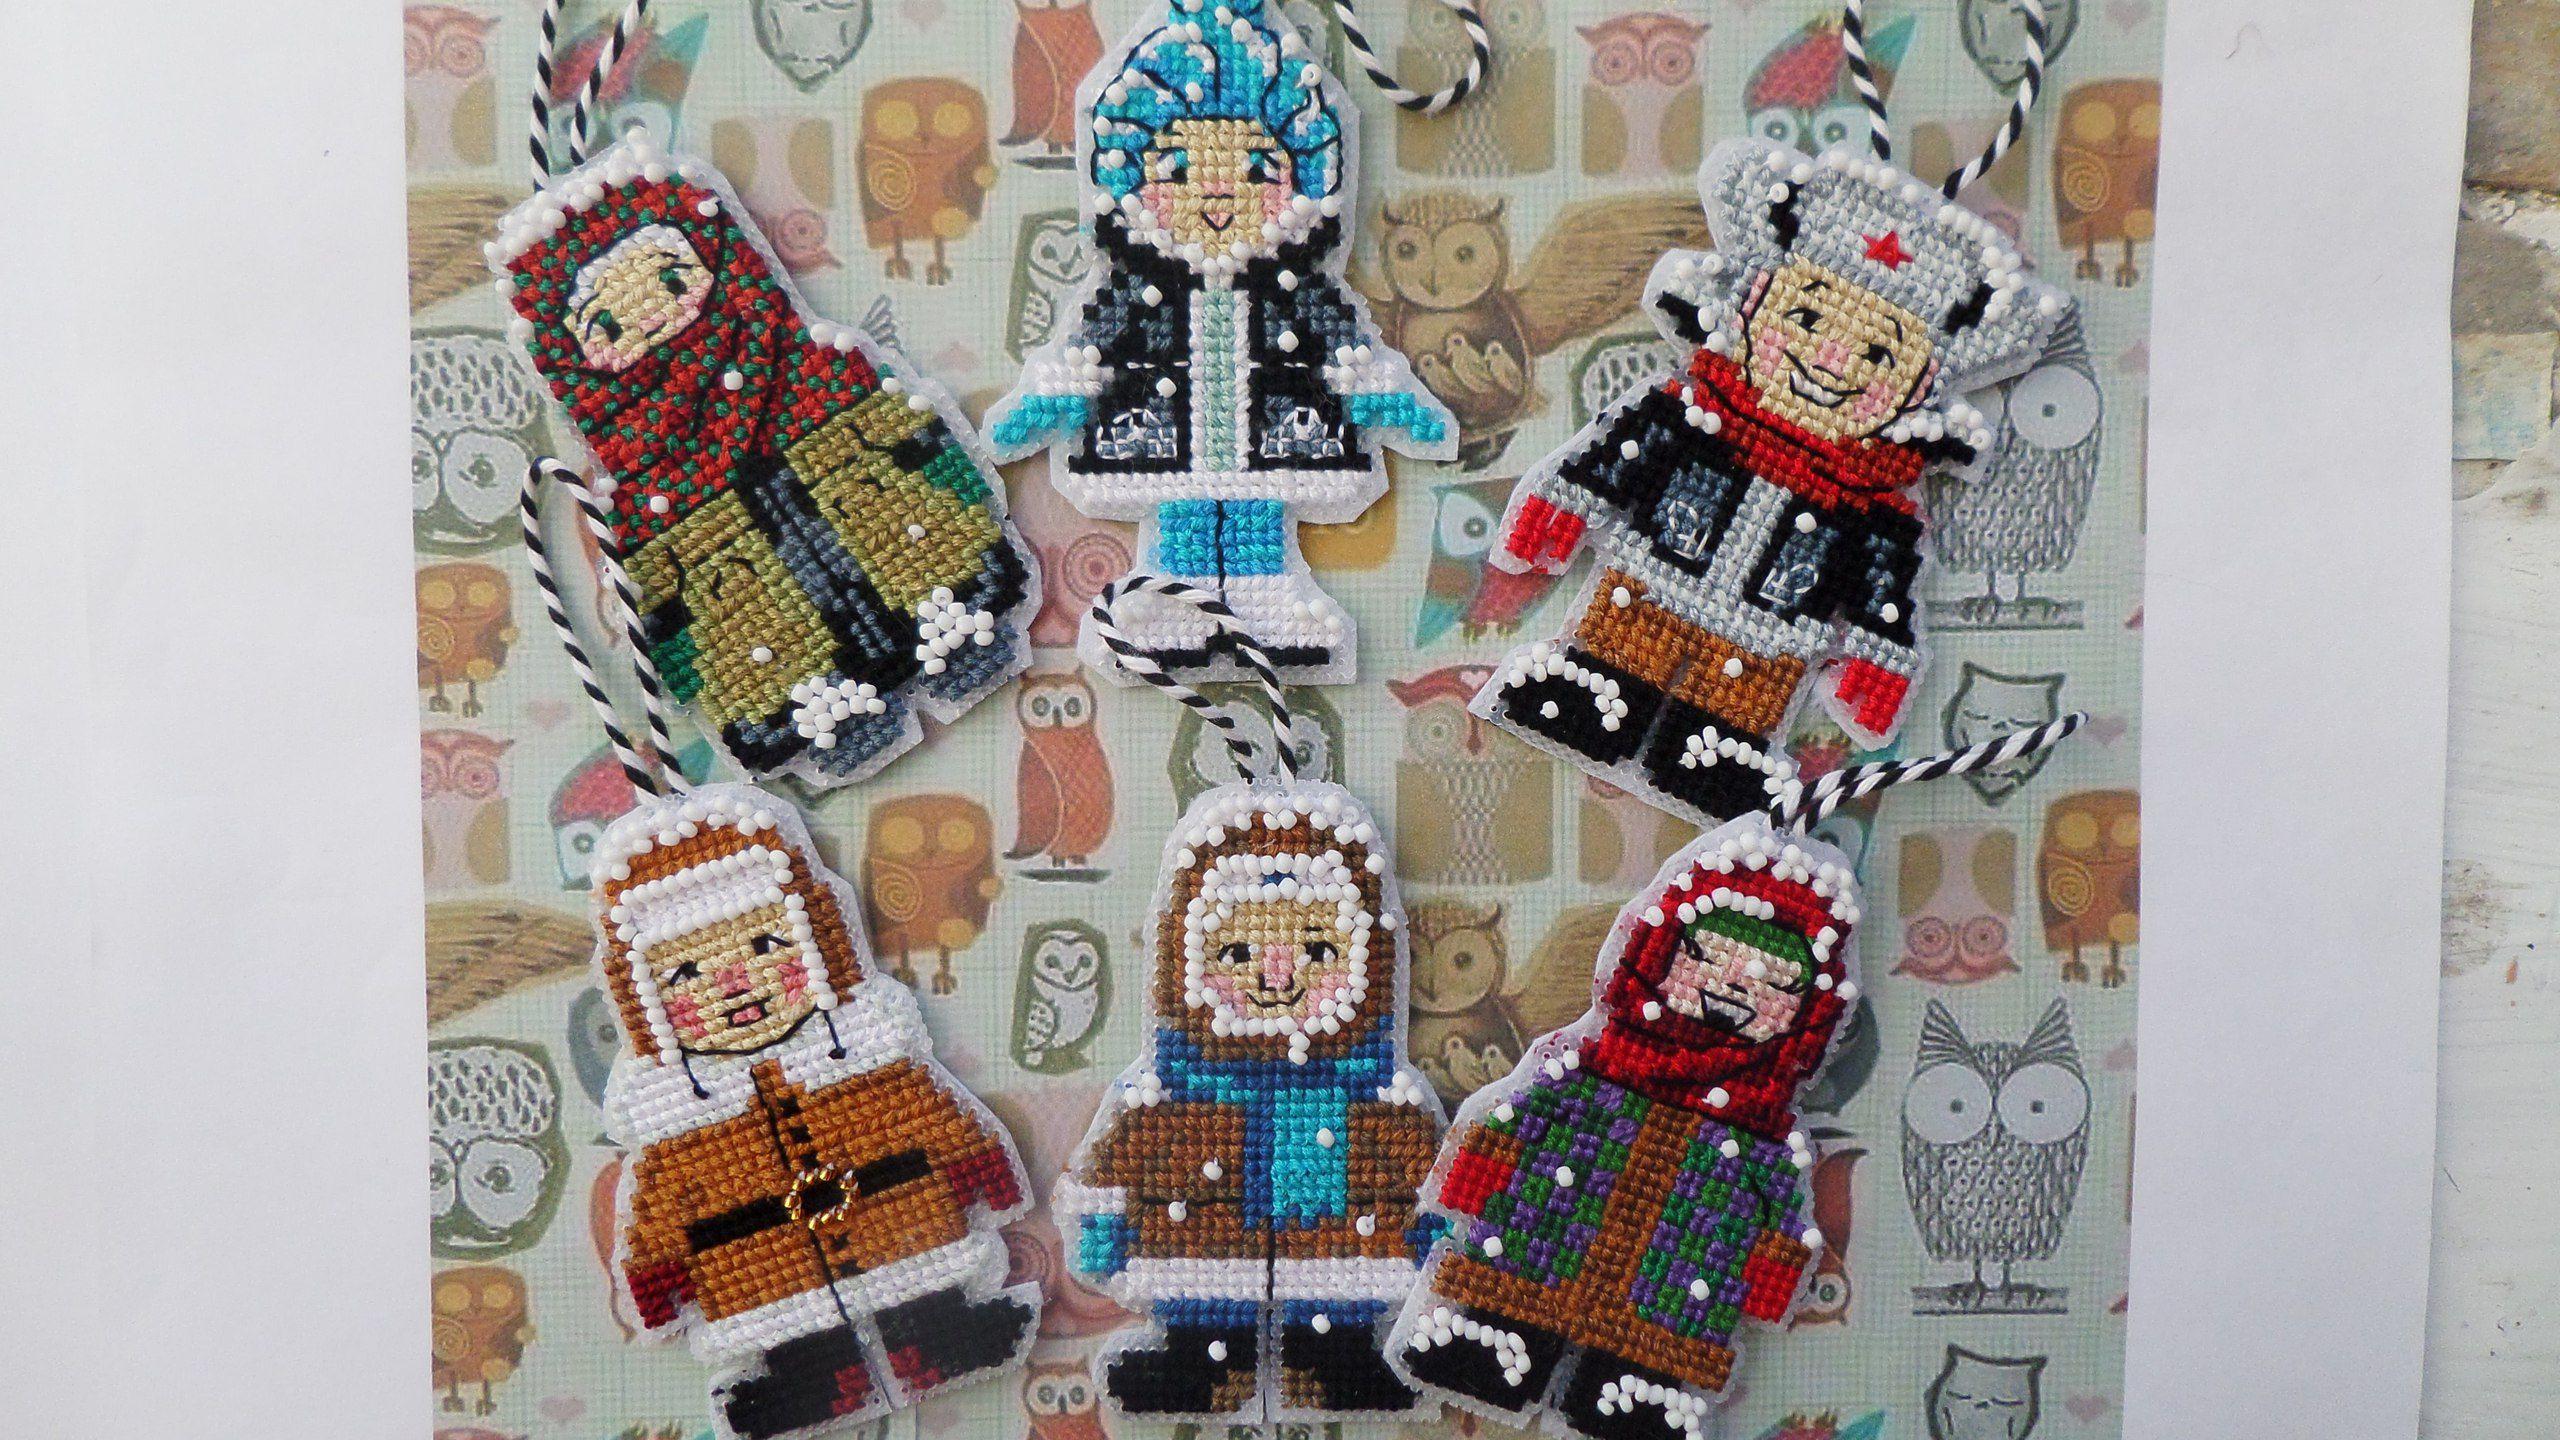 подарки миниатюра красота вышивка новыйгод декор игрушки малыши елочныеигрушки